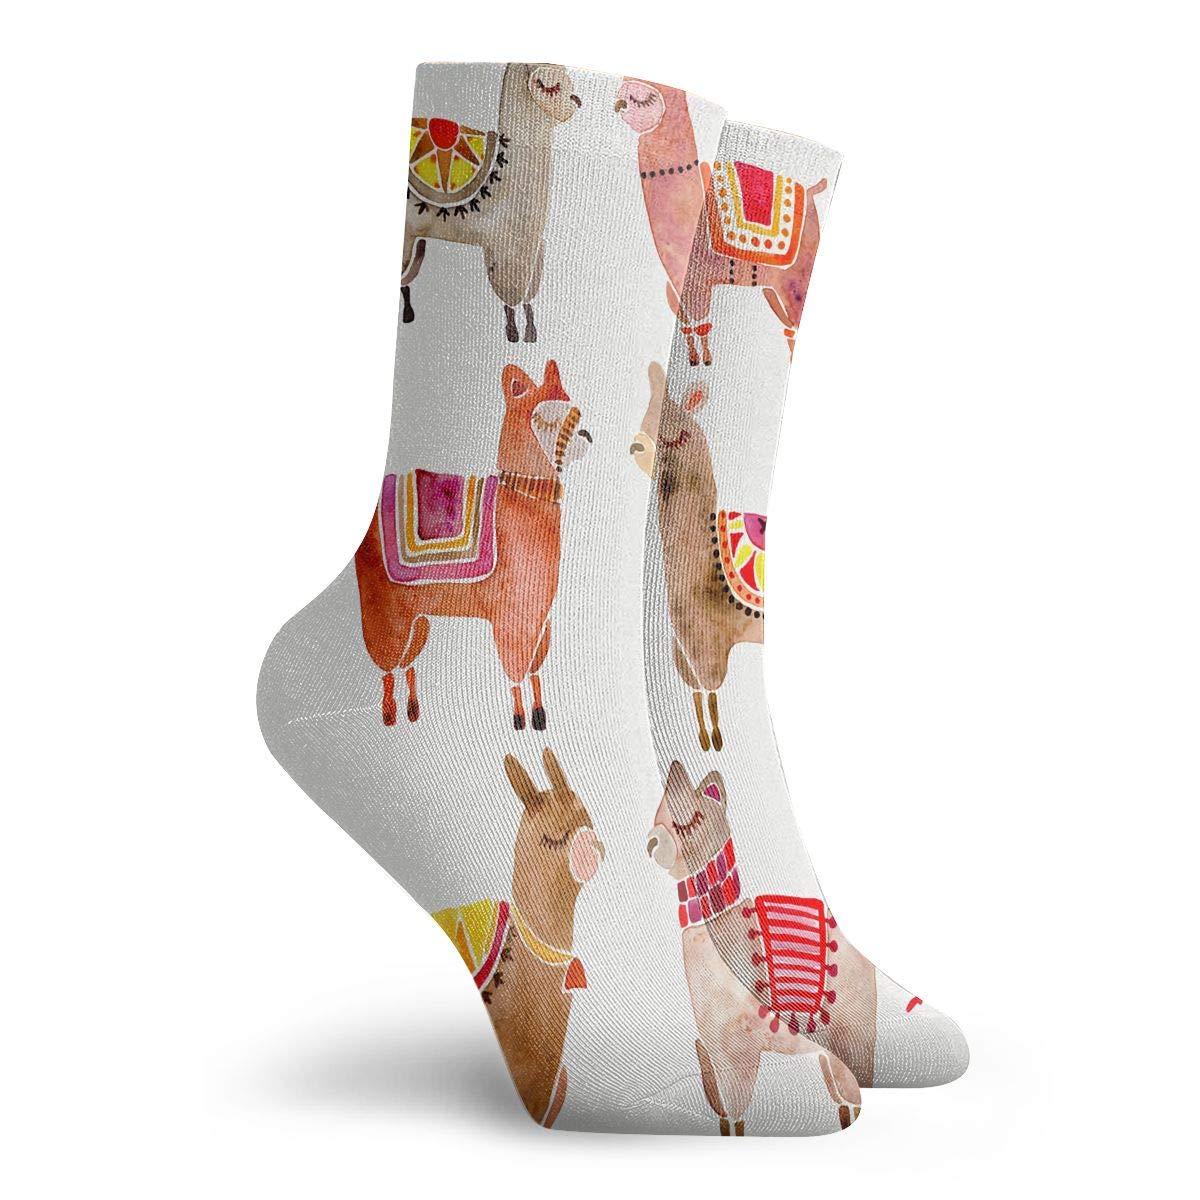 YIEOFH Draw The Milky Way Novelty Boys Girls Fashion Cute Funny Casual Art Crew Socks